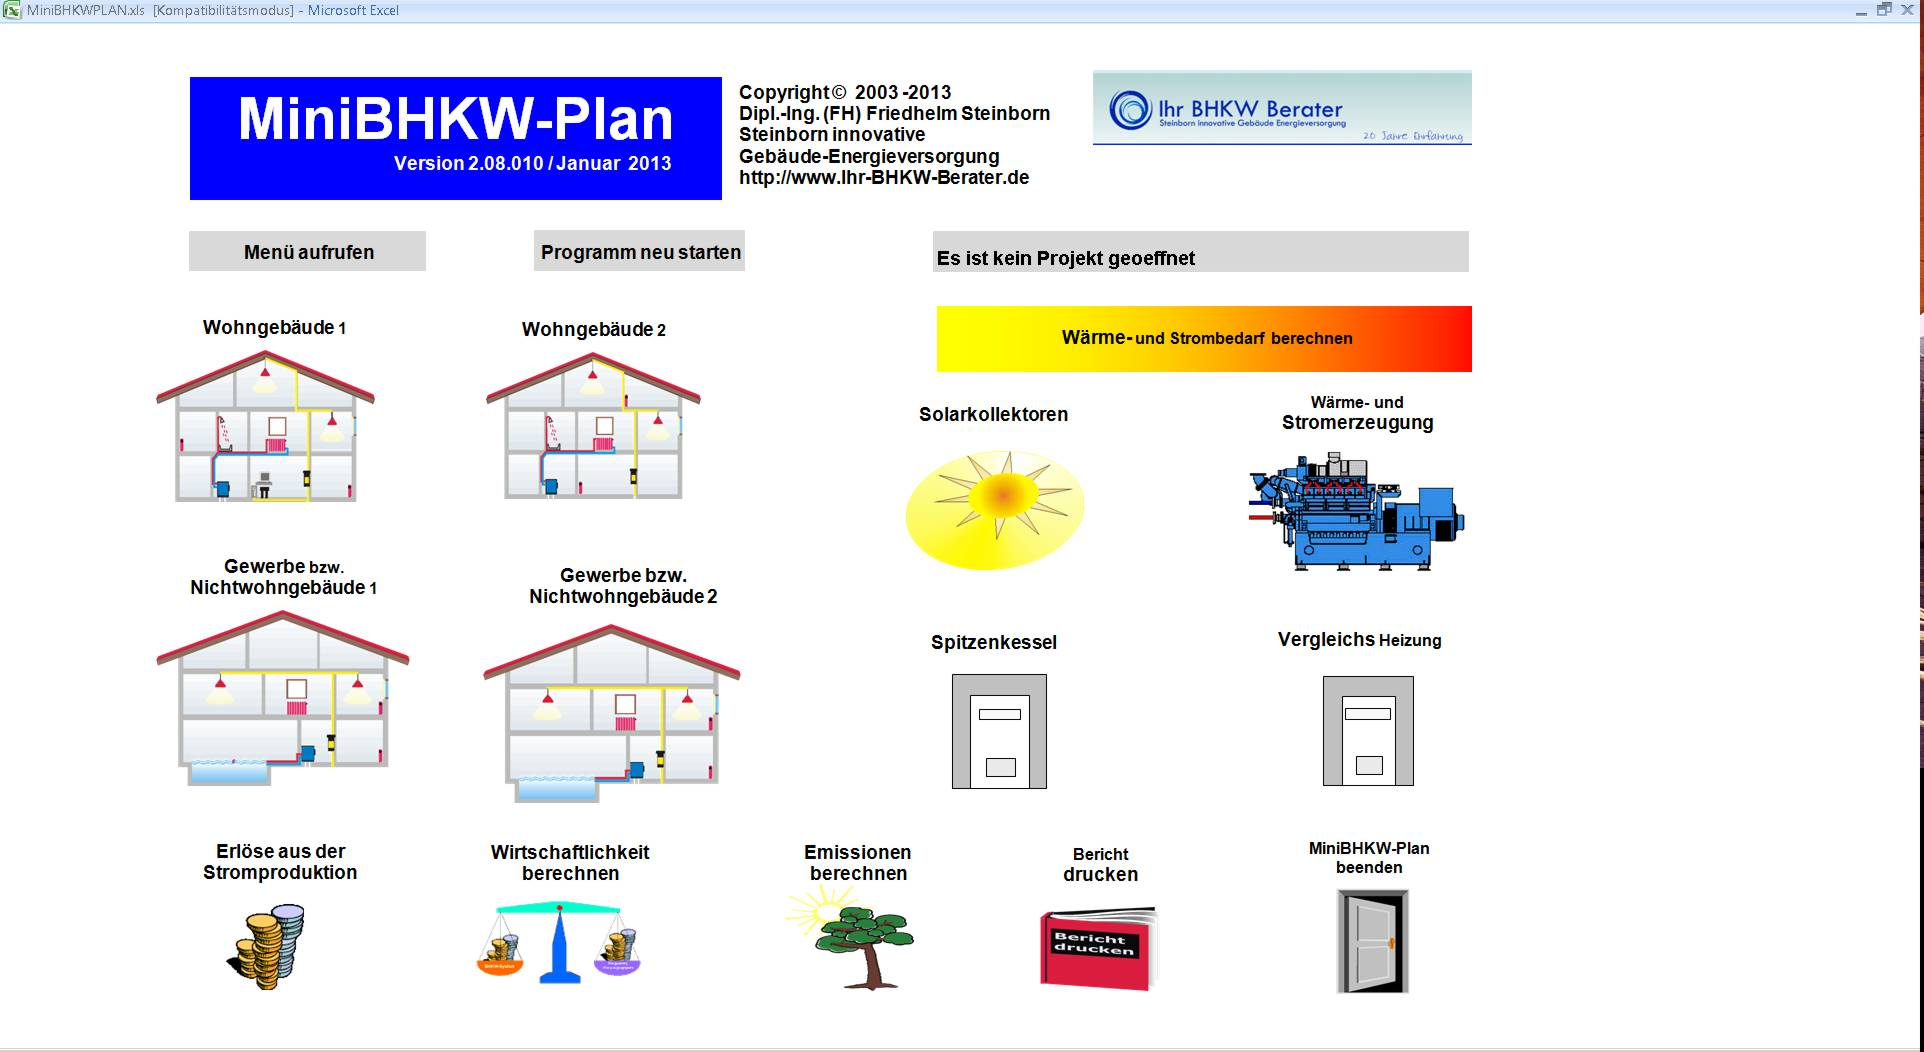 Oberfläche der Software MiniBHKW-Plan